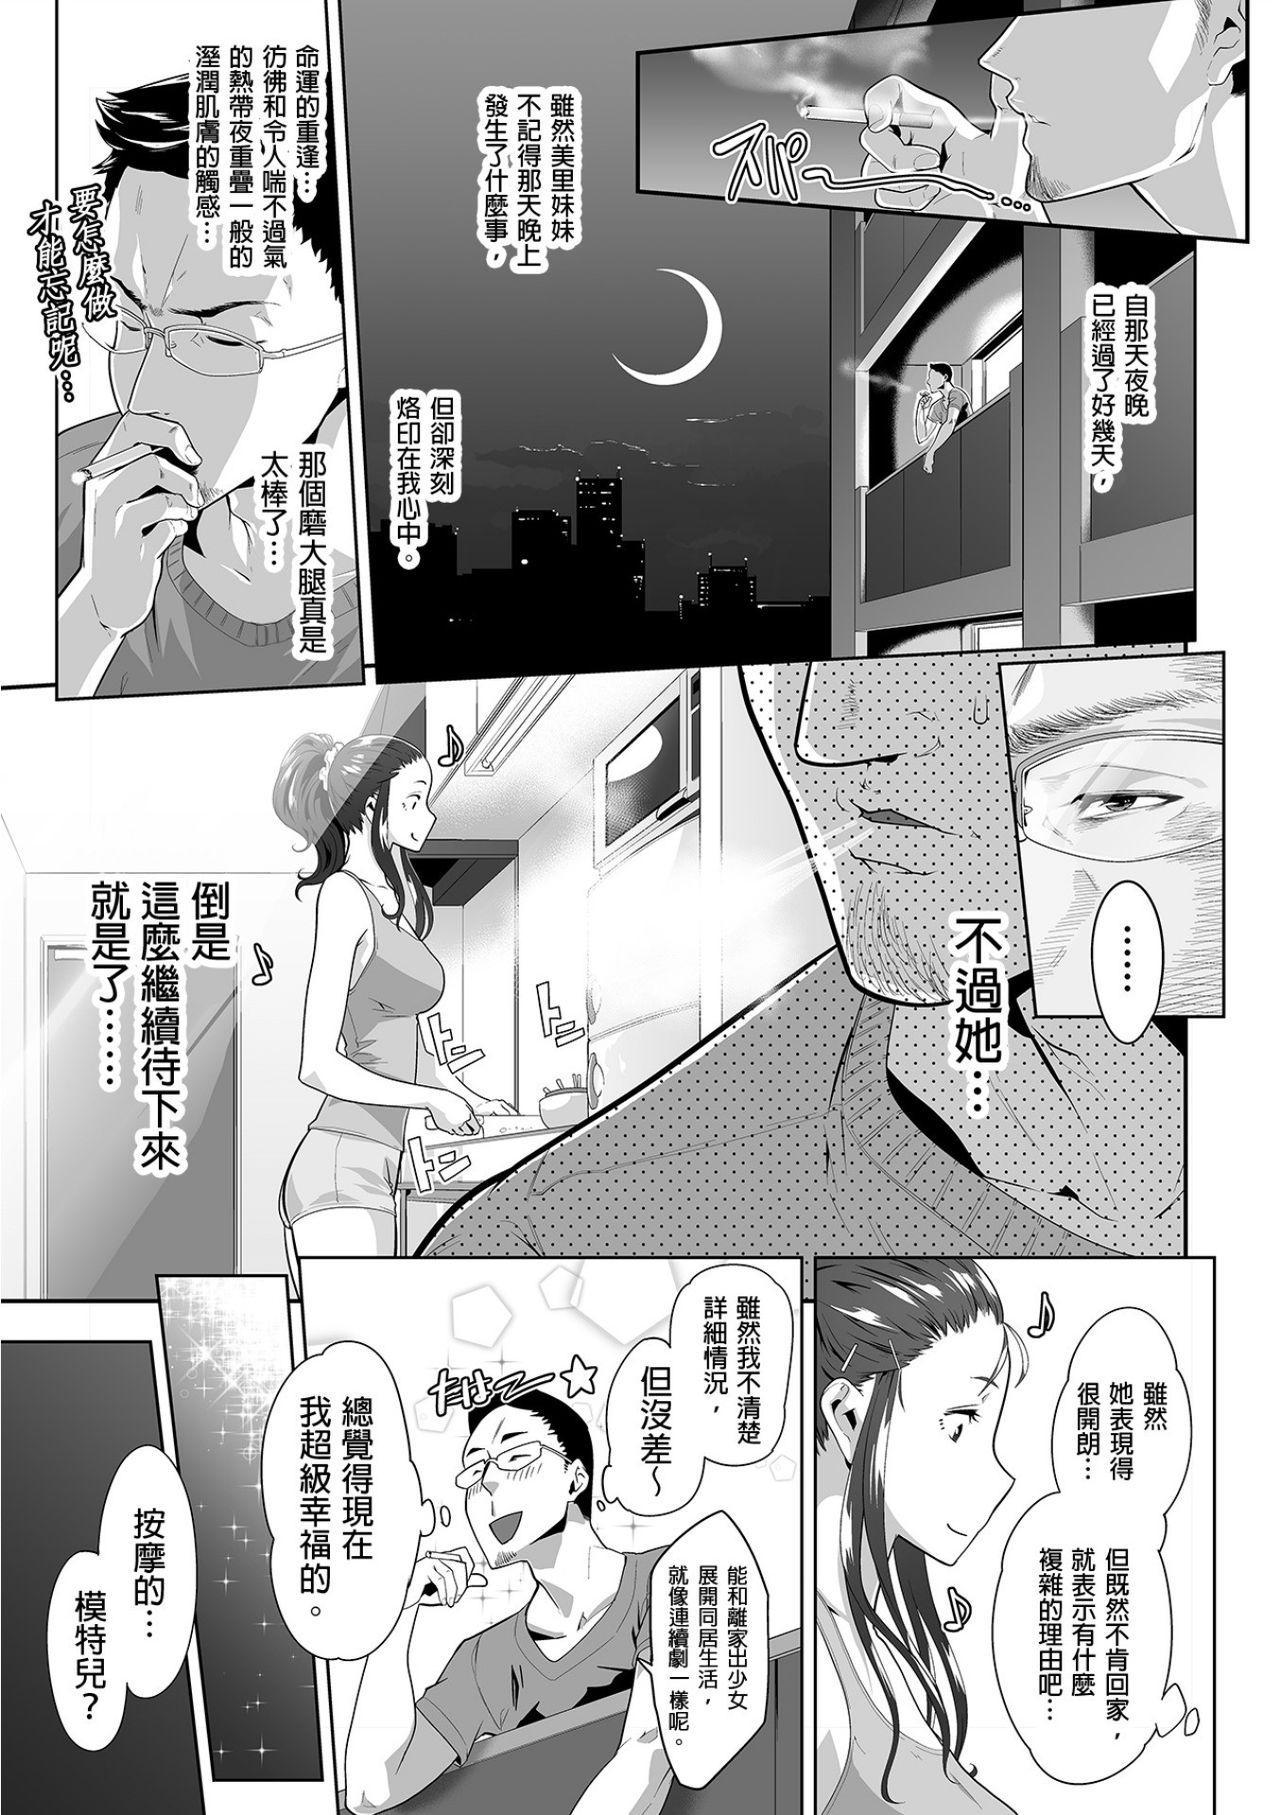 [Qunami Himehiko, Akahige] Gifu no Nurunuru Massage ~Musume no Kori o Asa kara Kurikuri~ | 義父的濕答答按摩~一早幫忙女兒放鬆肌肉~ Ch. 9 [Chinese] 11